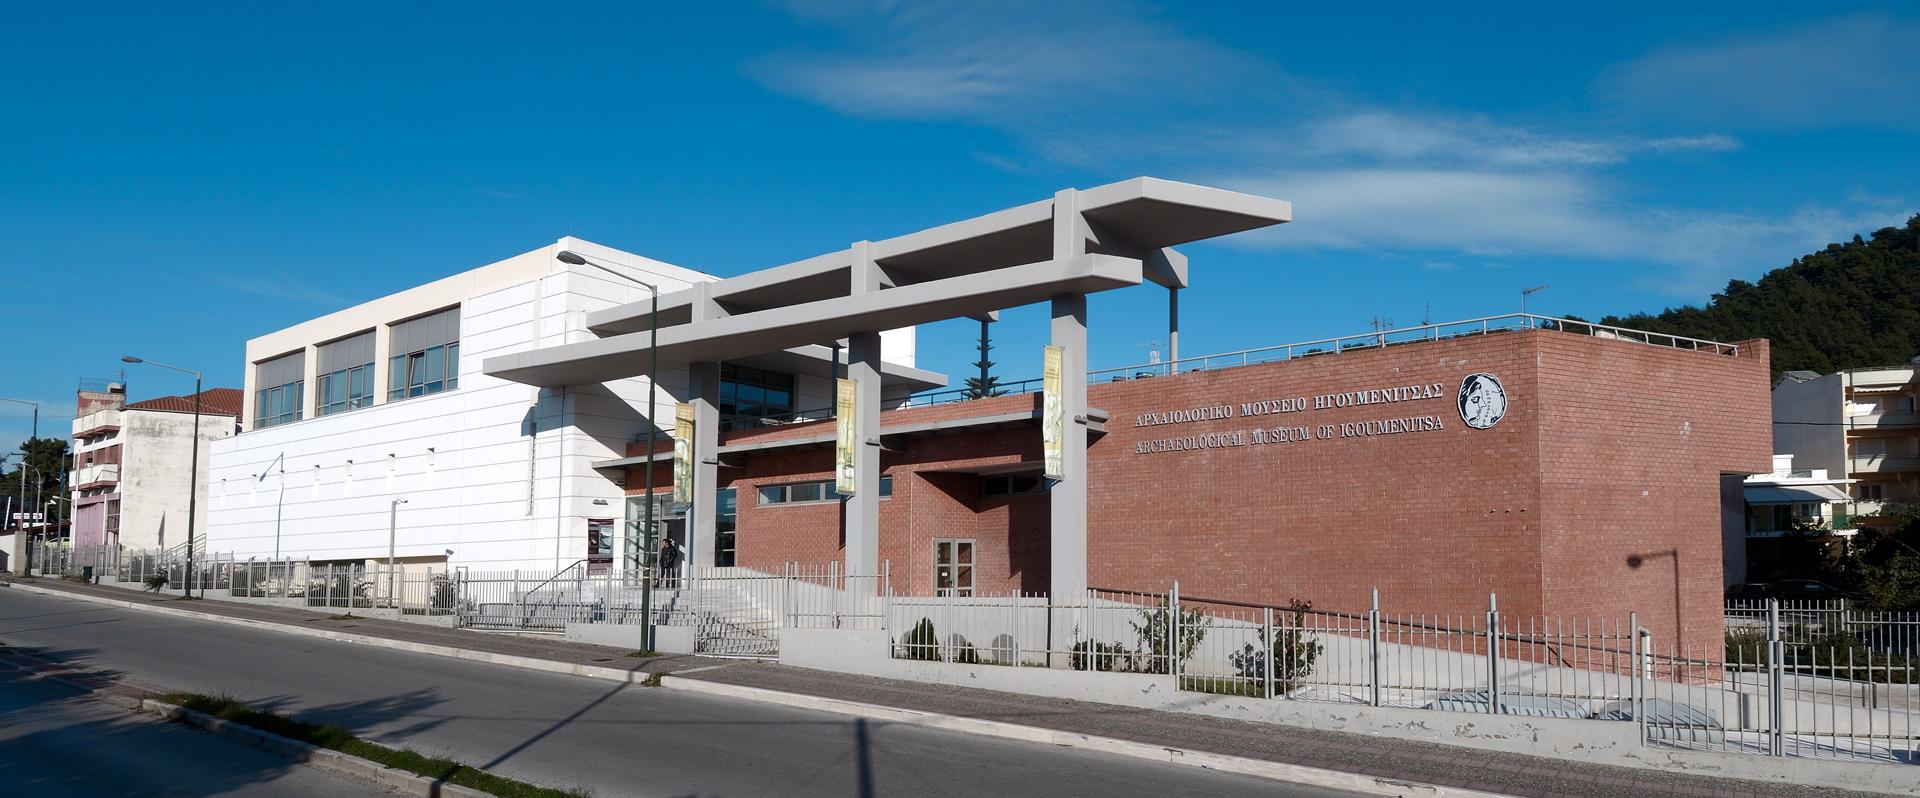 Θεσπρωτία: Ευρωπαϊκές Ημέρες Πολιτιστικής Κληρονομιάς  23 -25 Σεπτεμβρίου στο Αρχαιολογικό Μουσείο Ηγουμενίτσας